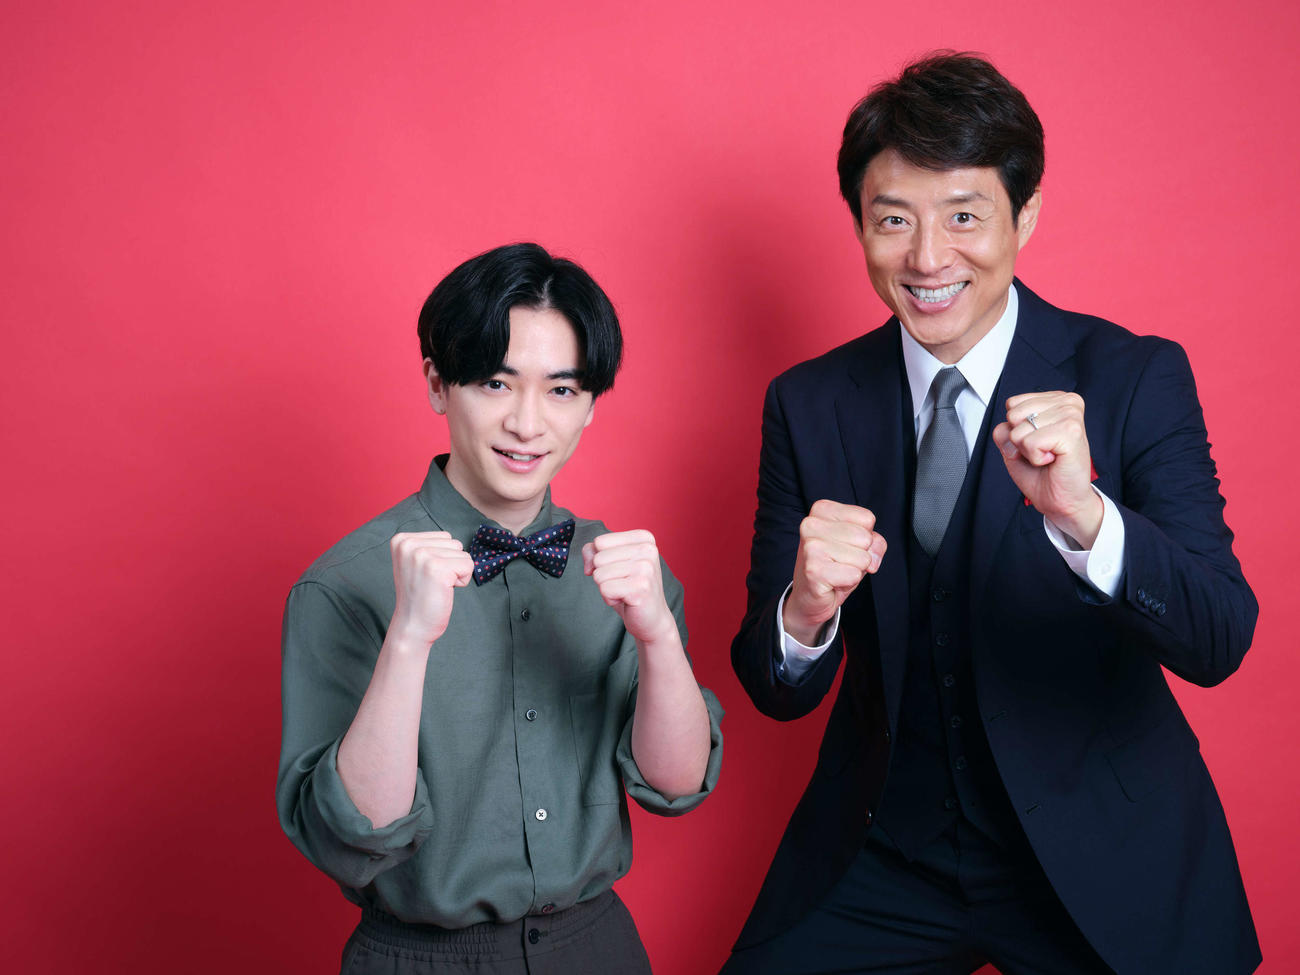 10月に放送されるテレビ朝日系「世界体操・世界新体操 北九州2021」で4度目のタッグを組むことが決まった知念侑李(左)と松岡修造